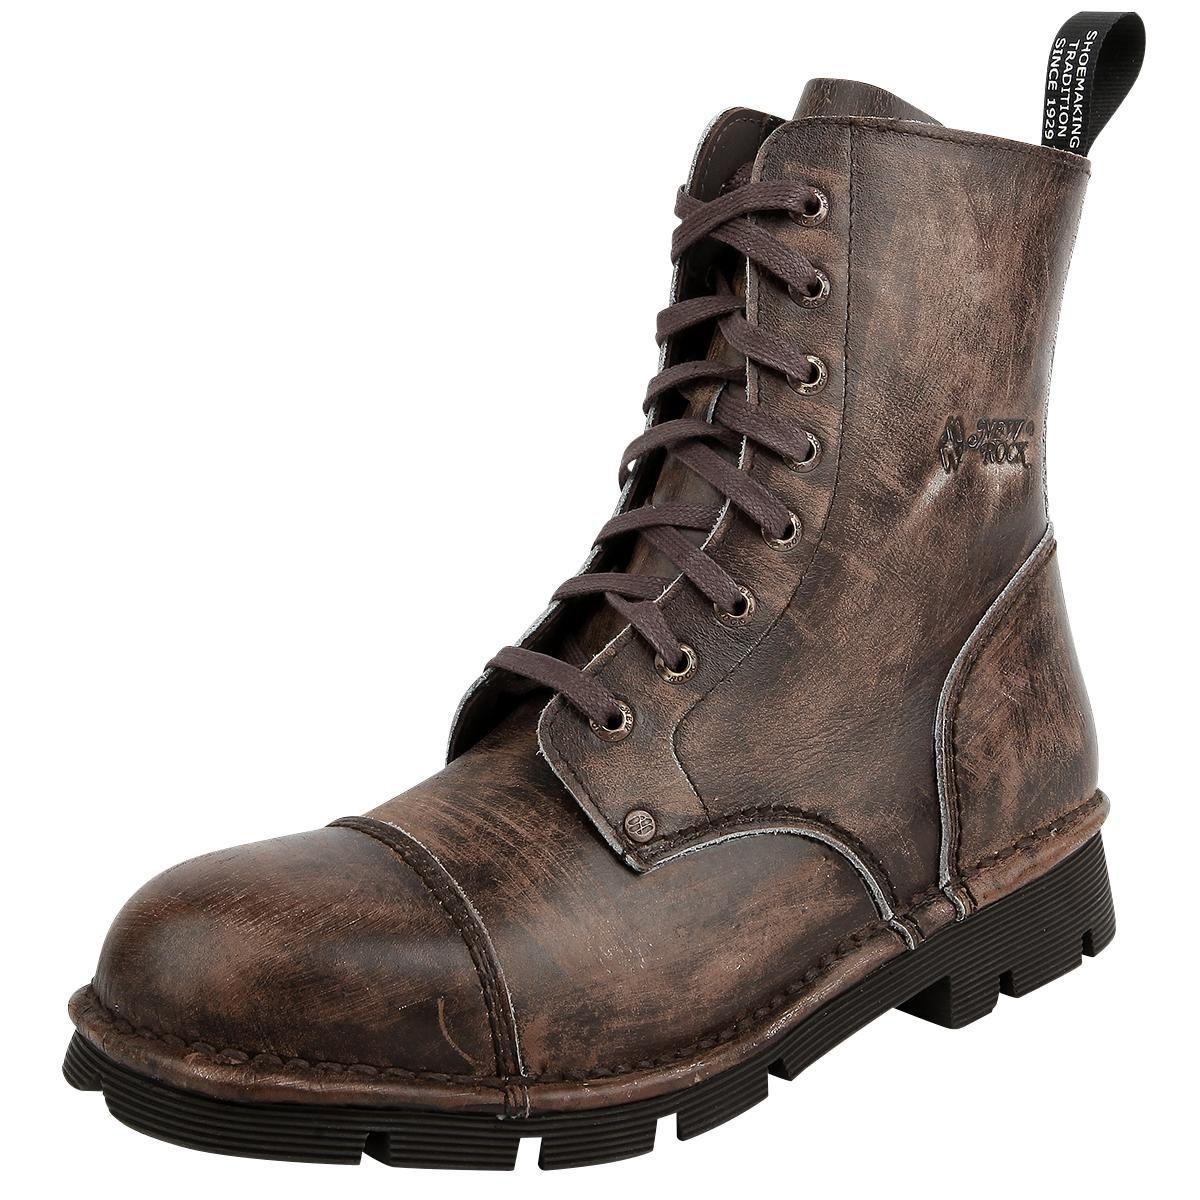 Vintage-Look - Anziehschlaufe - 8-Loch Schnürung Die Mili Vintage Raspado  Marron Stiefel von New Rock sind in einem abgegriffenen braunen Design  gehalten, ...